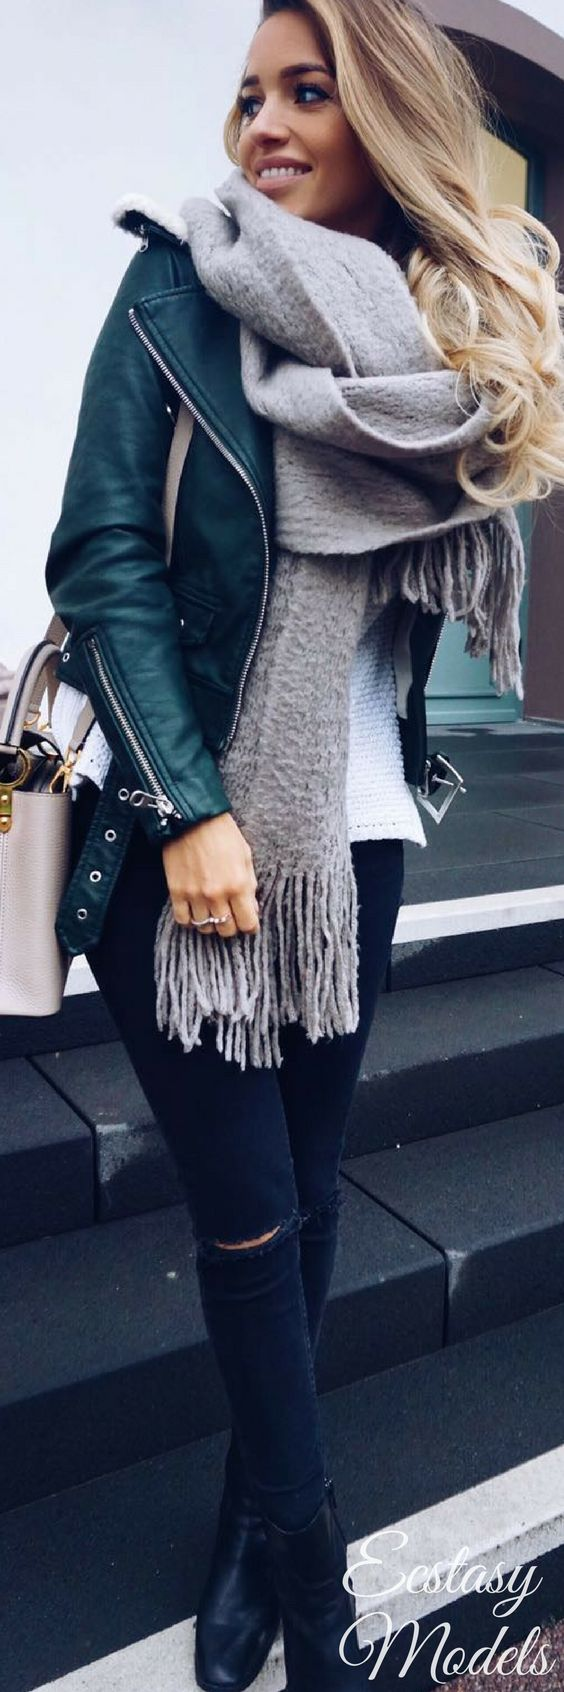 Ella lleva una chaqueta verde y una bufanda gris y patalones negros. La chaqueta...